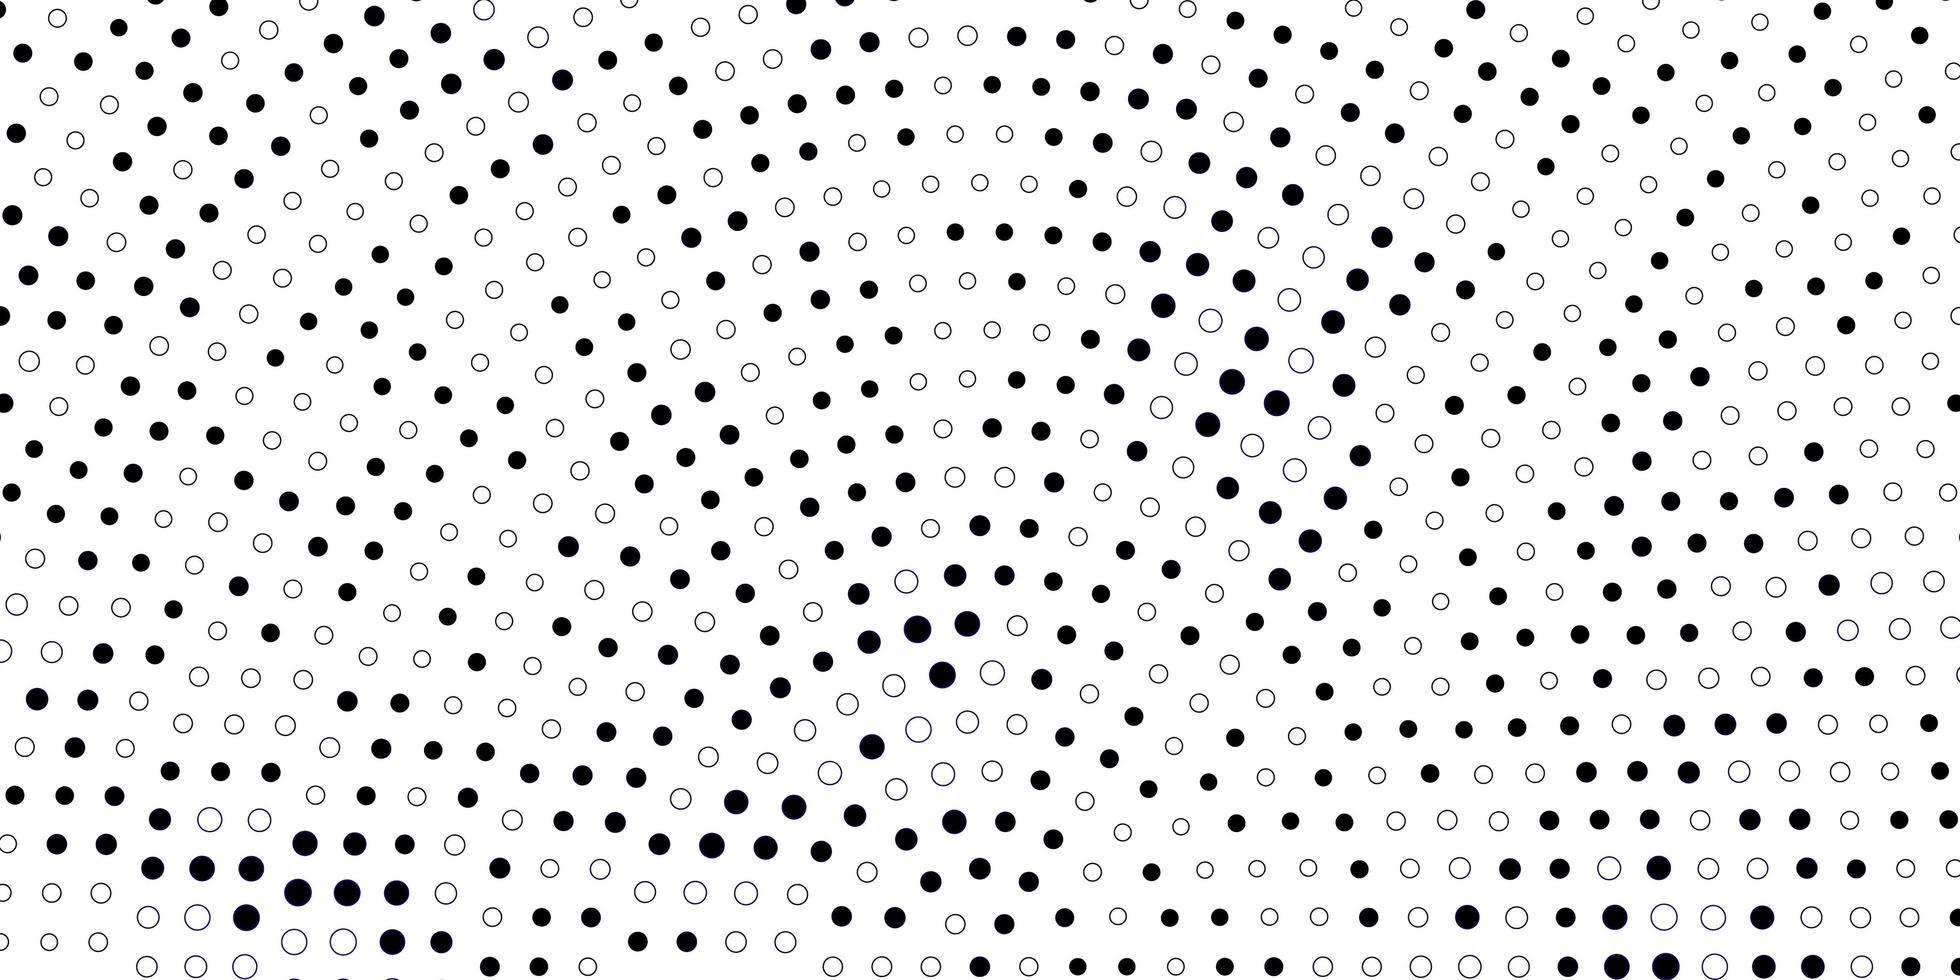 mörk lila vektor bakgrund med prickar.